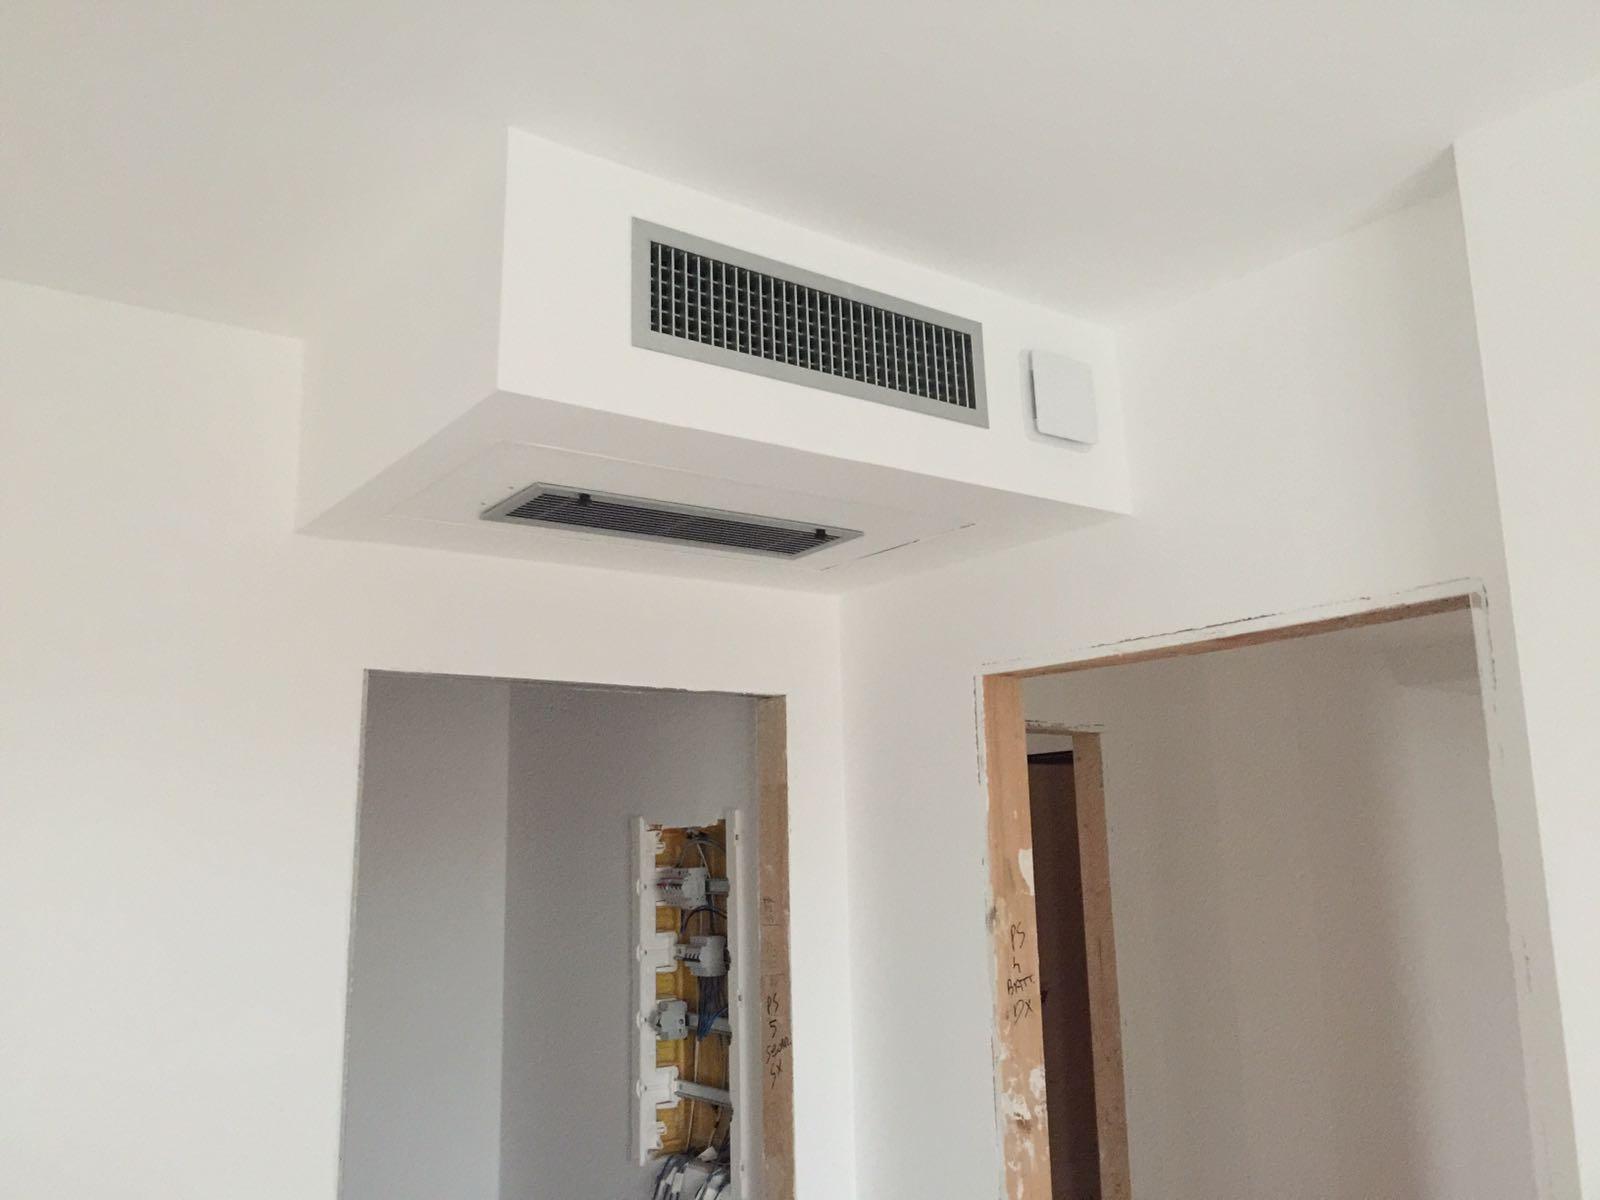 Appartamenti rimini multitermo impianti idraulici for Appartamenti rimini